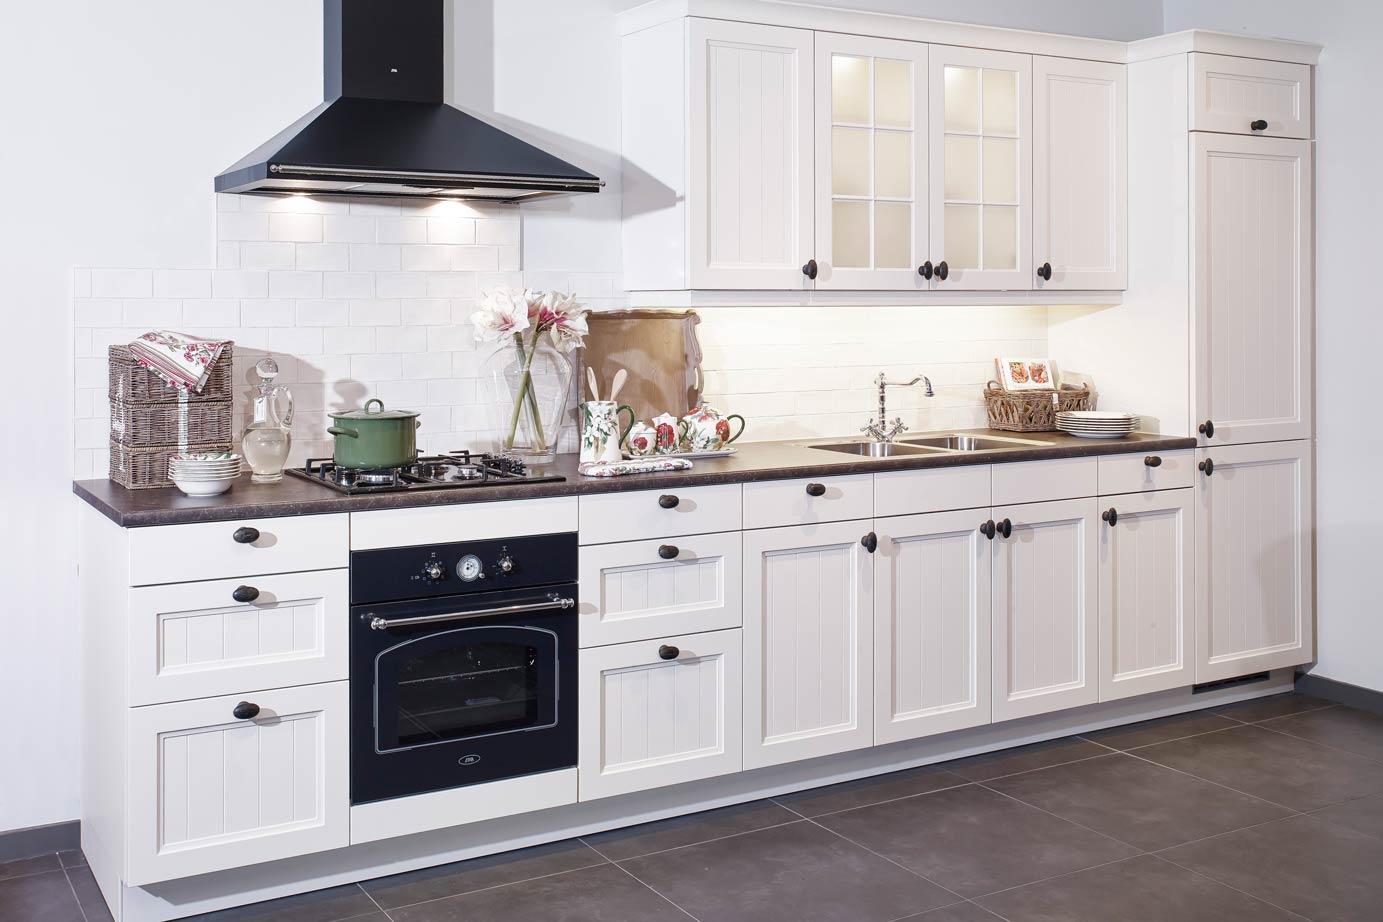 Keuken Kopen Prijs : Goedkope keuken kopen goedkoop is bij ons geen miskoop arma